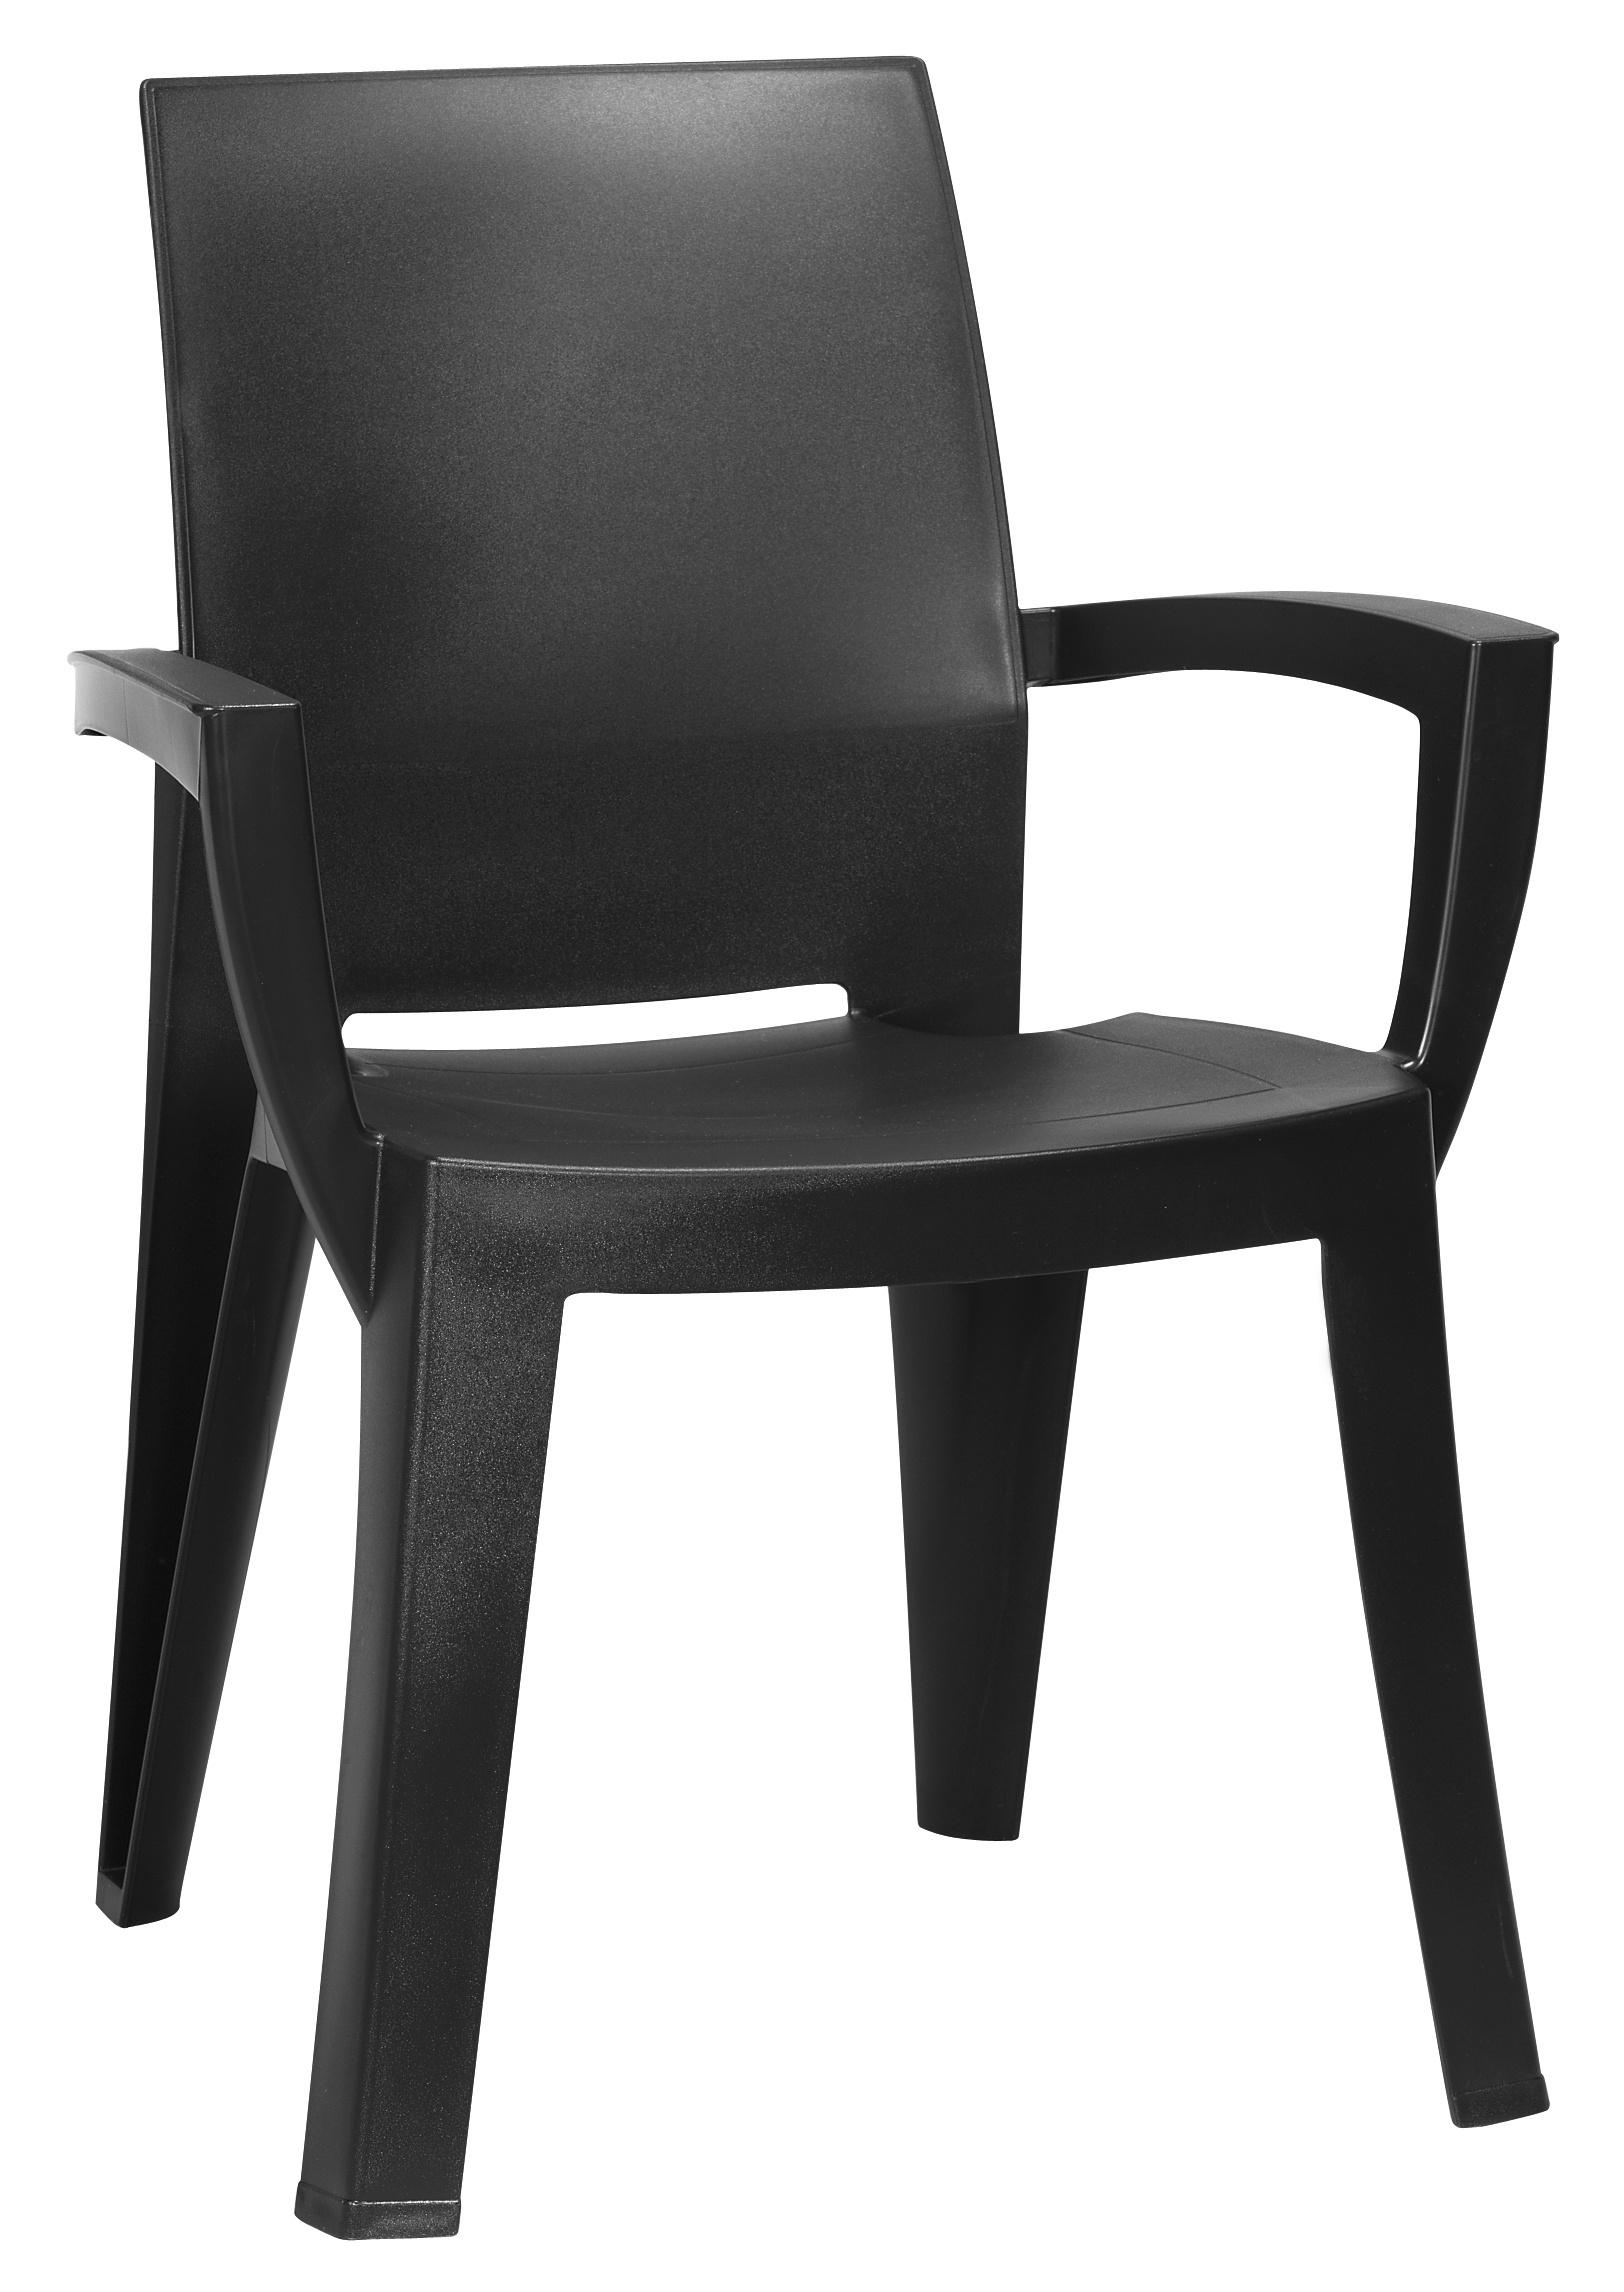 chaise de jardin allibert table de lit a roulettes. Black Bedroom Furniture Sets. Home Design Ideas